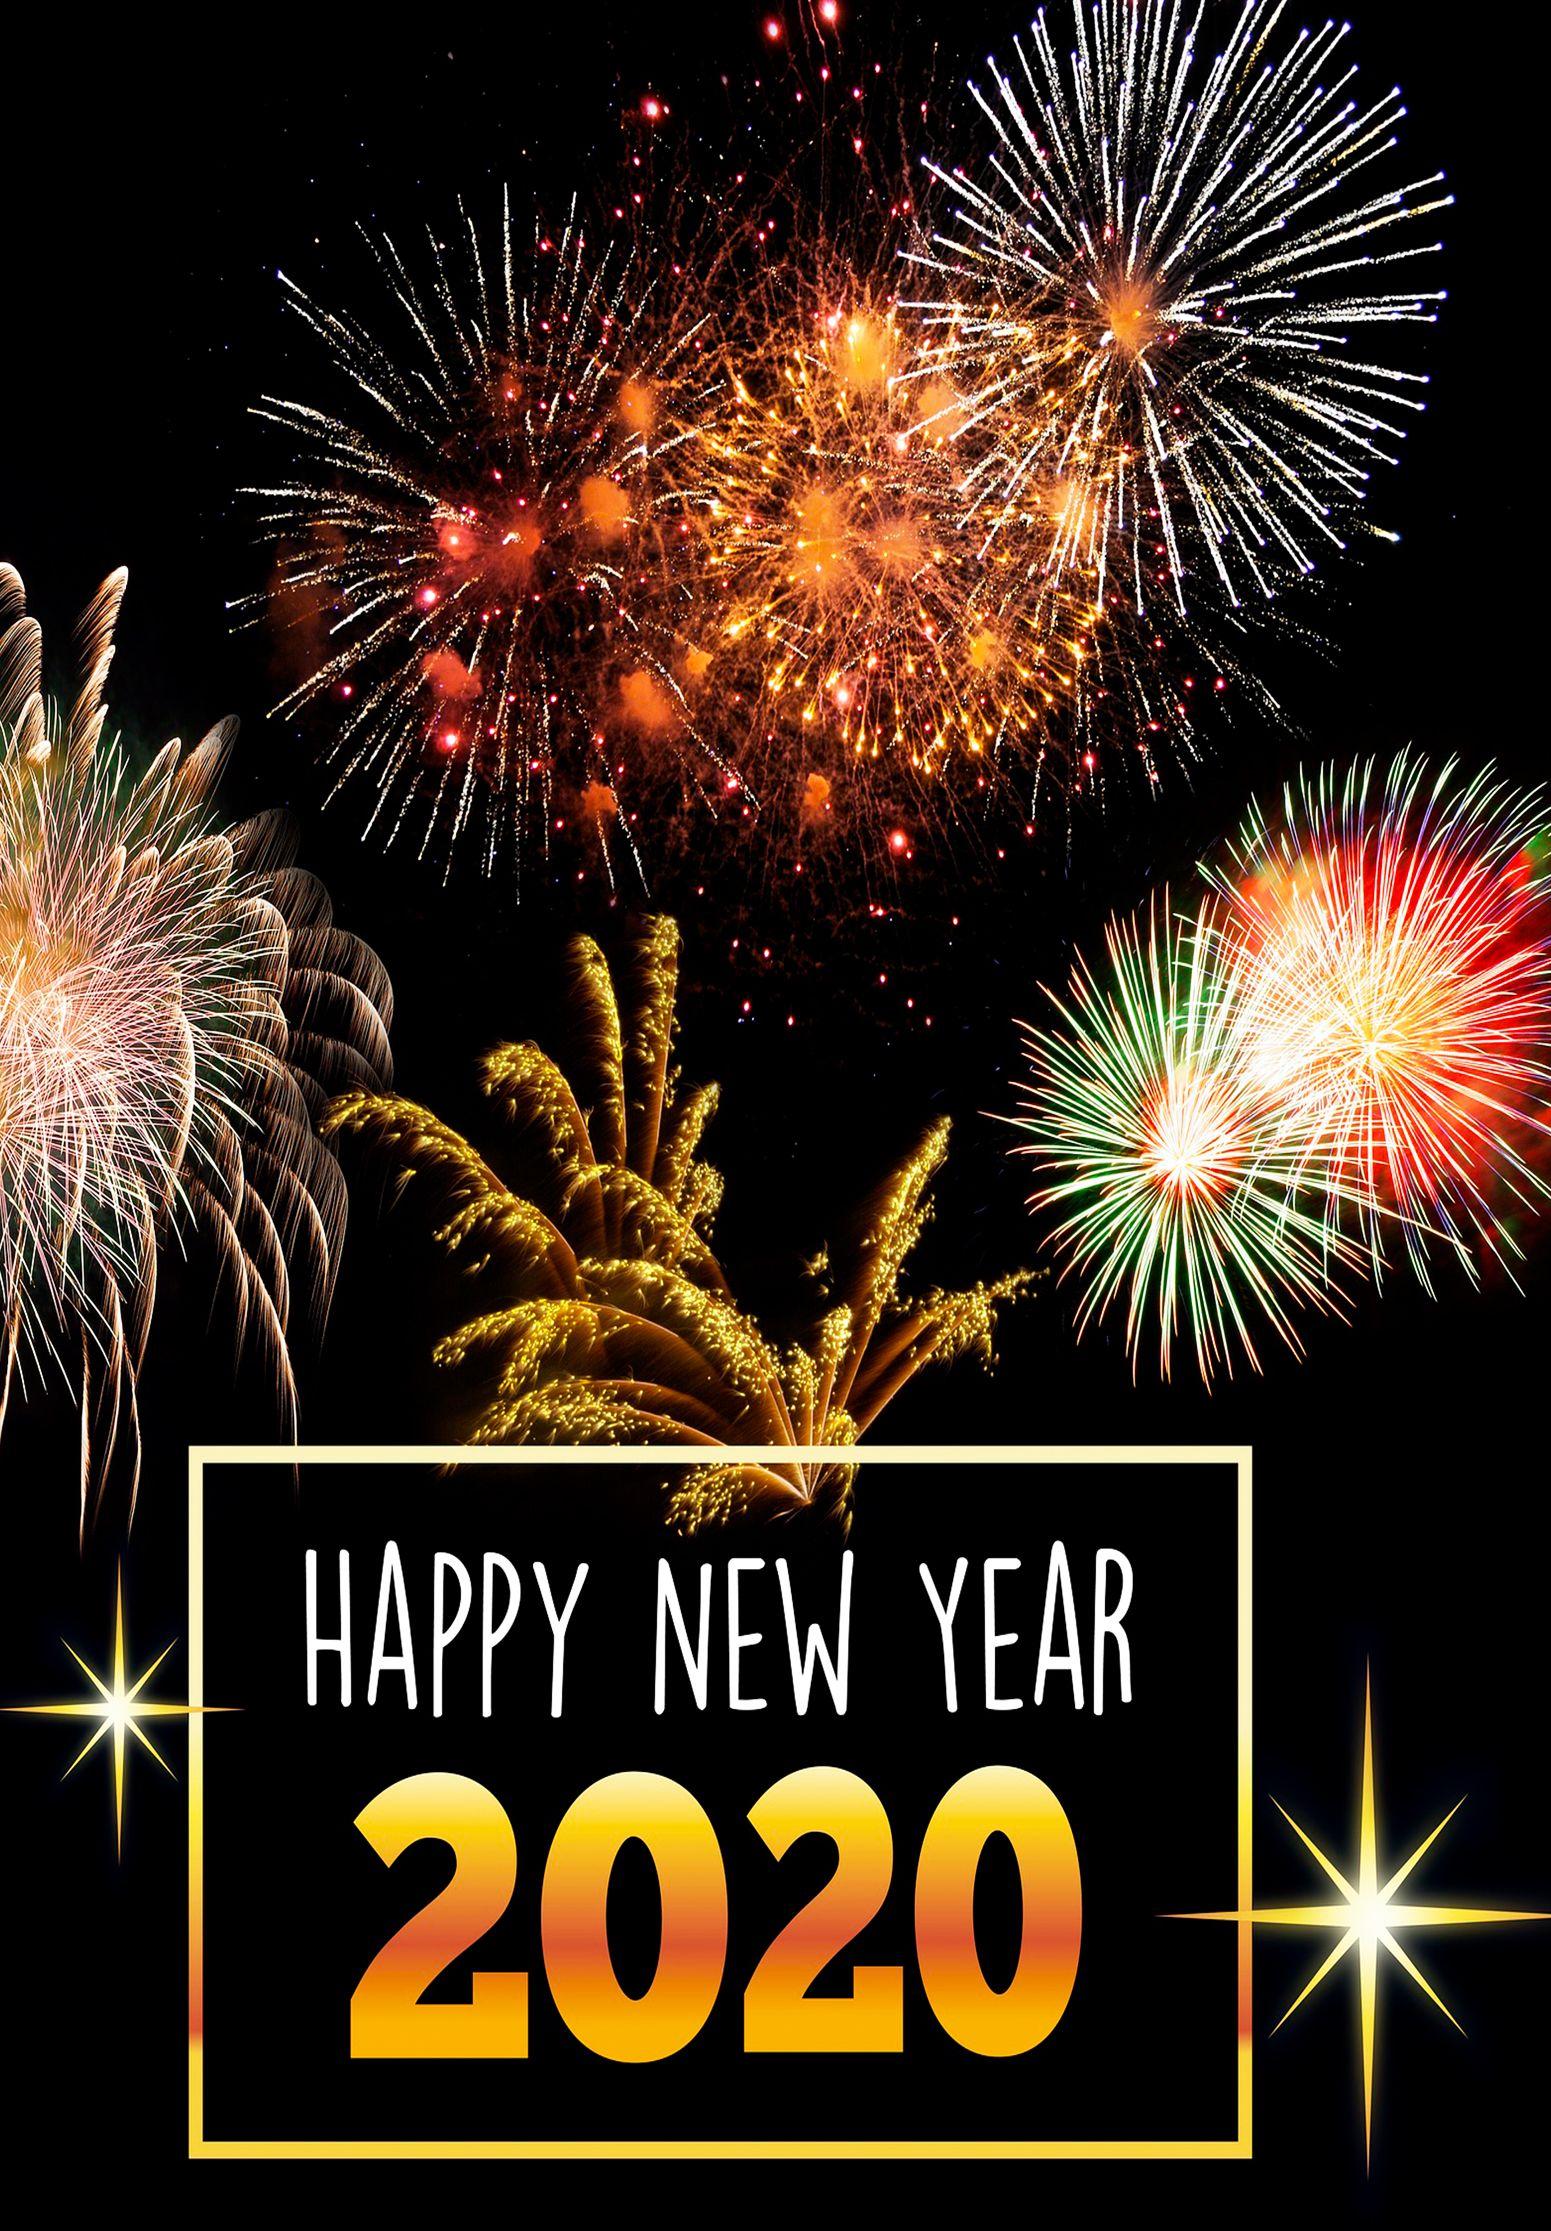 Frohes neues Jahr #happynewyear2020wishes